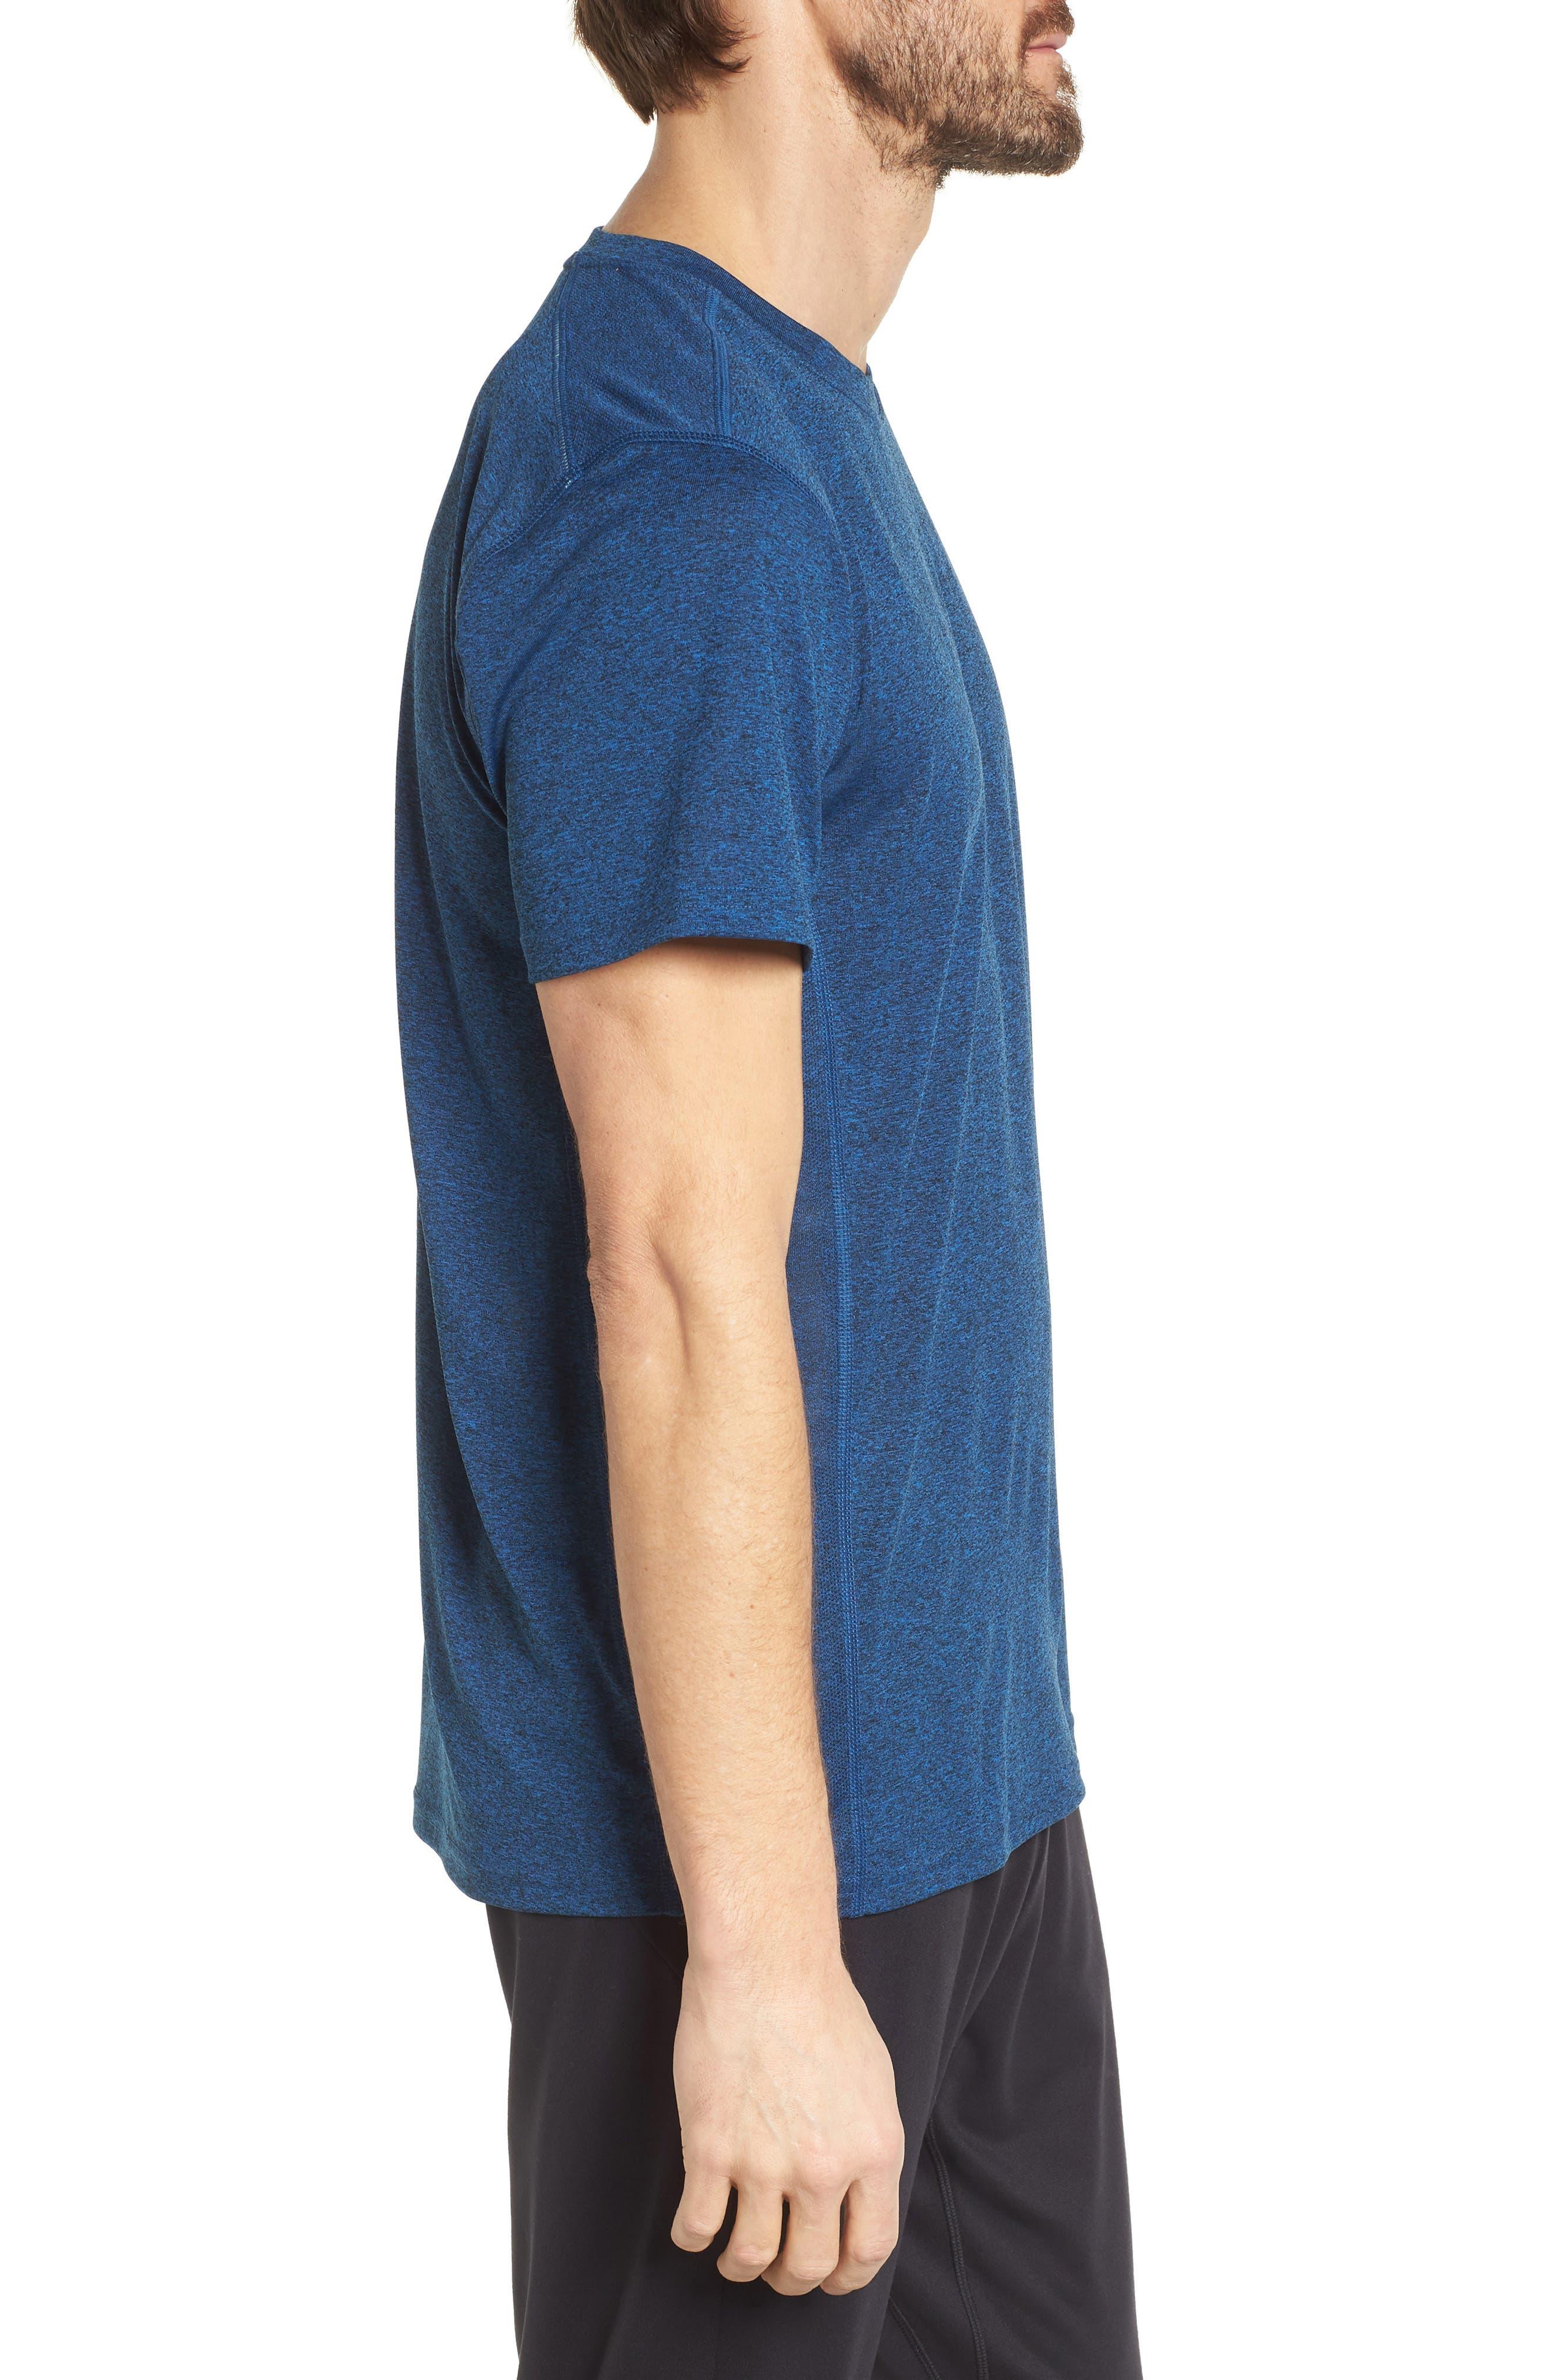 Goodsport Mesh Panel T-Shirt,                             Alternate thumbnail 3, color,                             LAPIS BLUE/ BLACK HEATHER